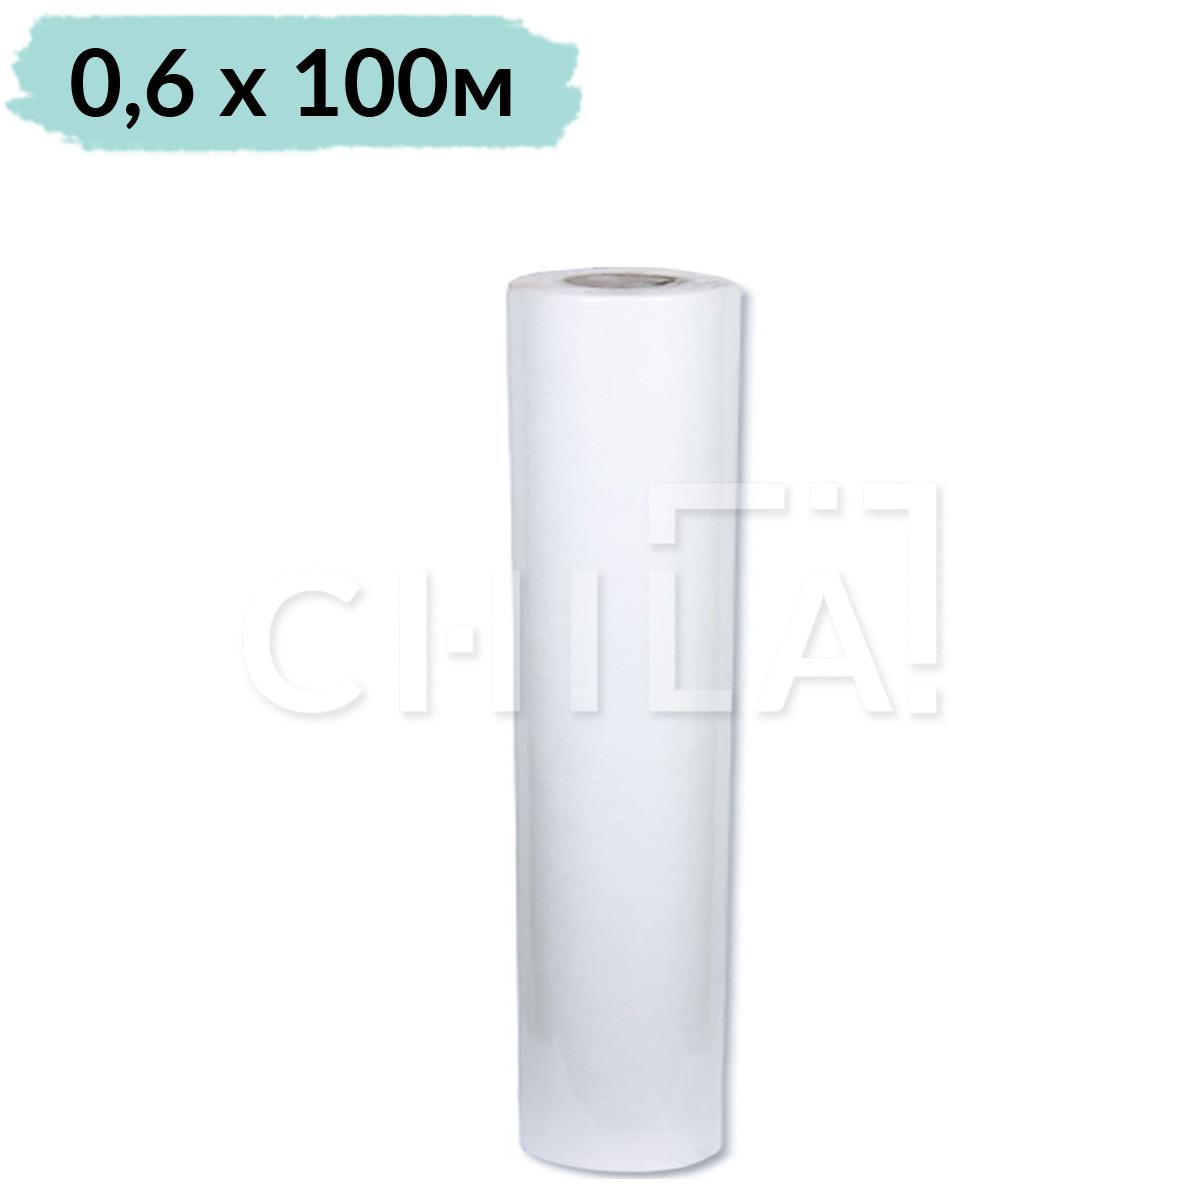 Простыни одноразовые 0,6х100м Econom (20 г/м²)